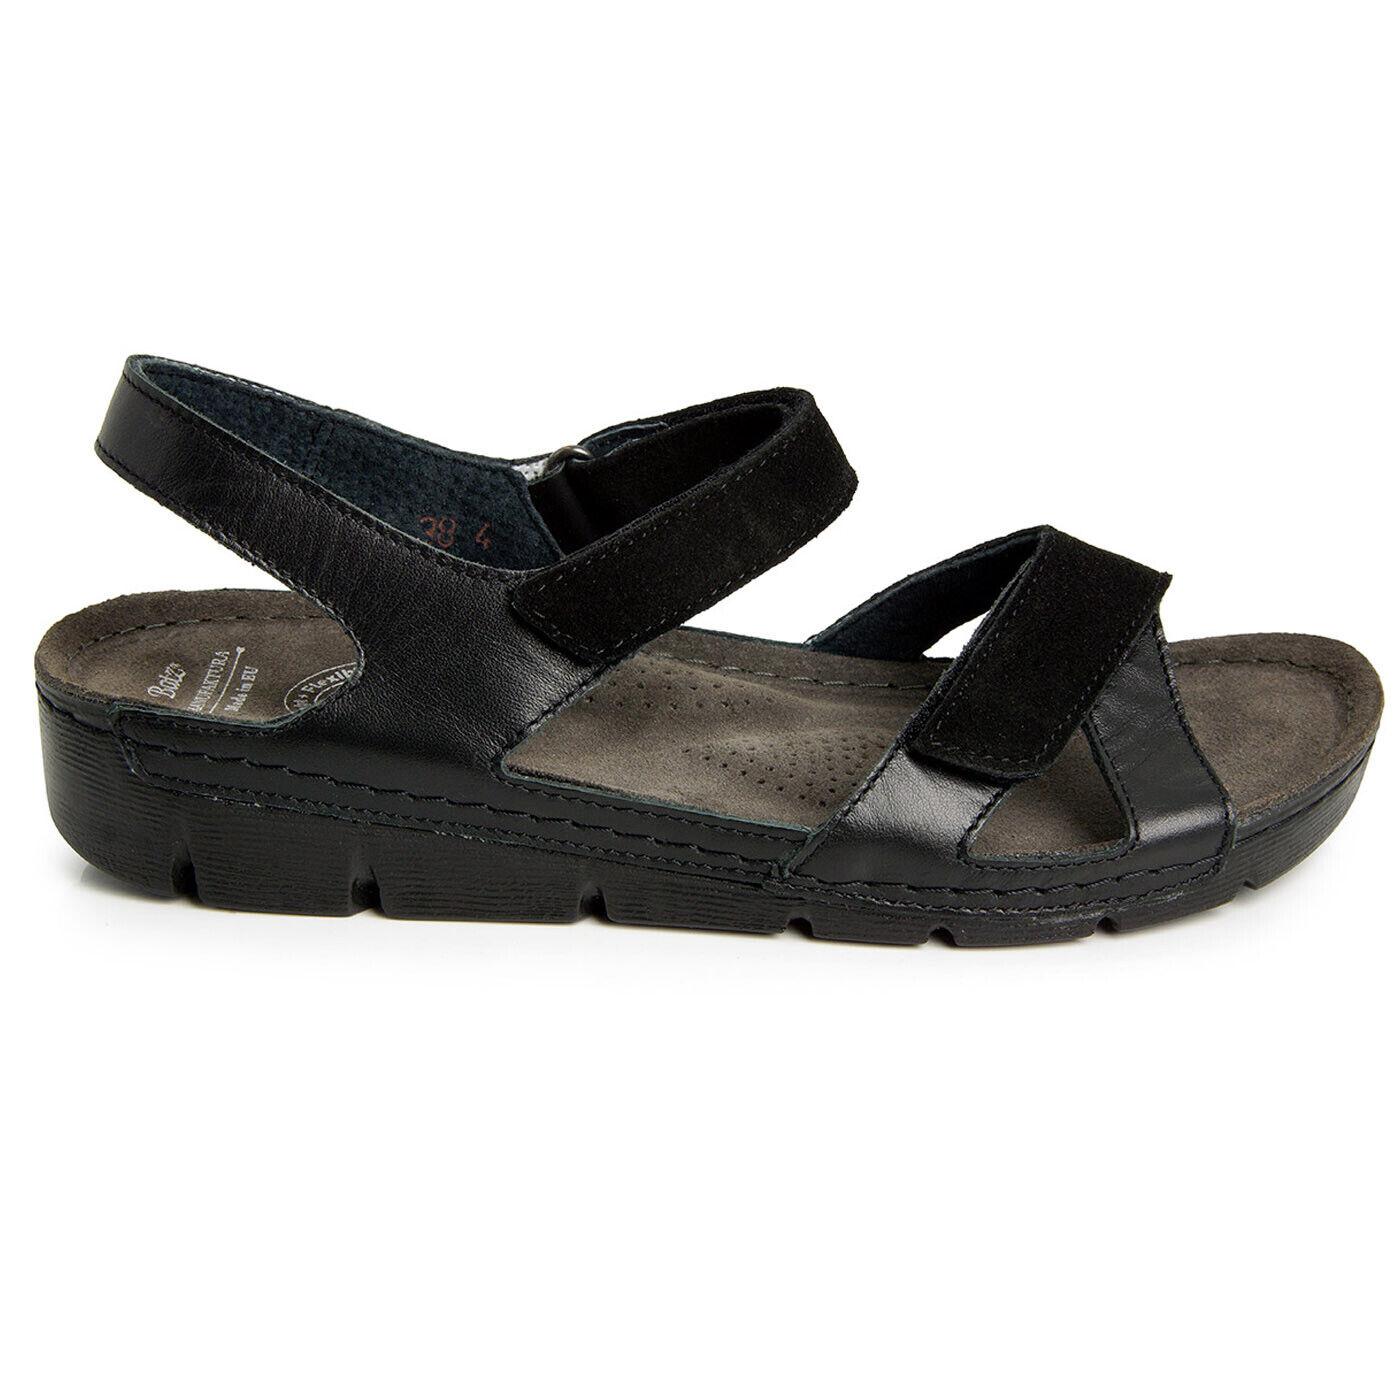 BATZ TOLEDO NERO leggero e e e flessibile Sandali in pelle fatto a mano zoccoli ciabatte donna ec7861